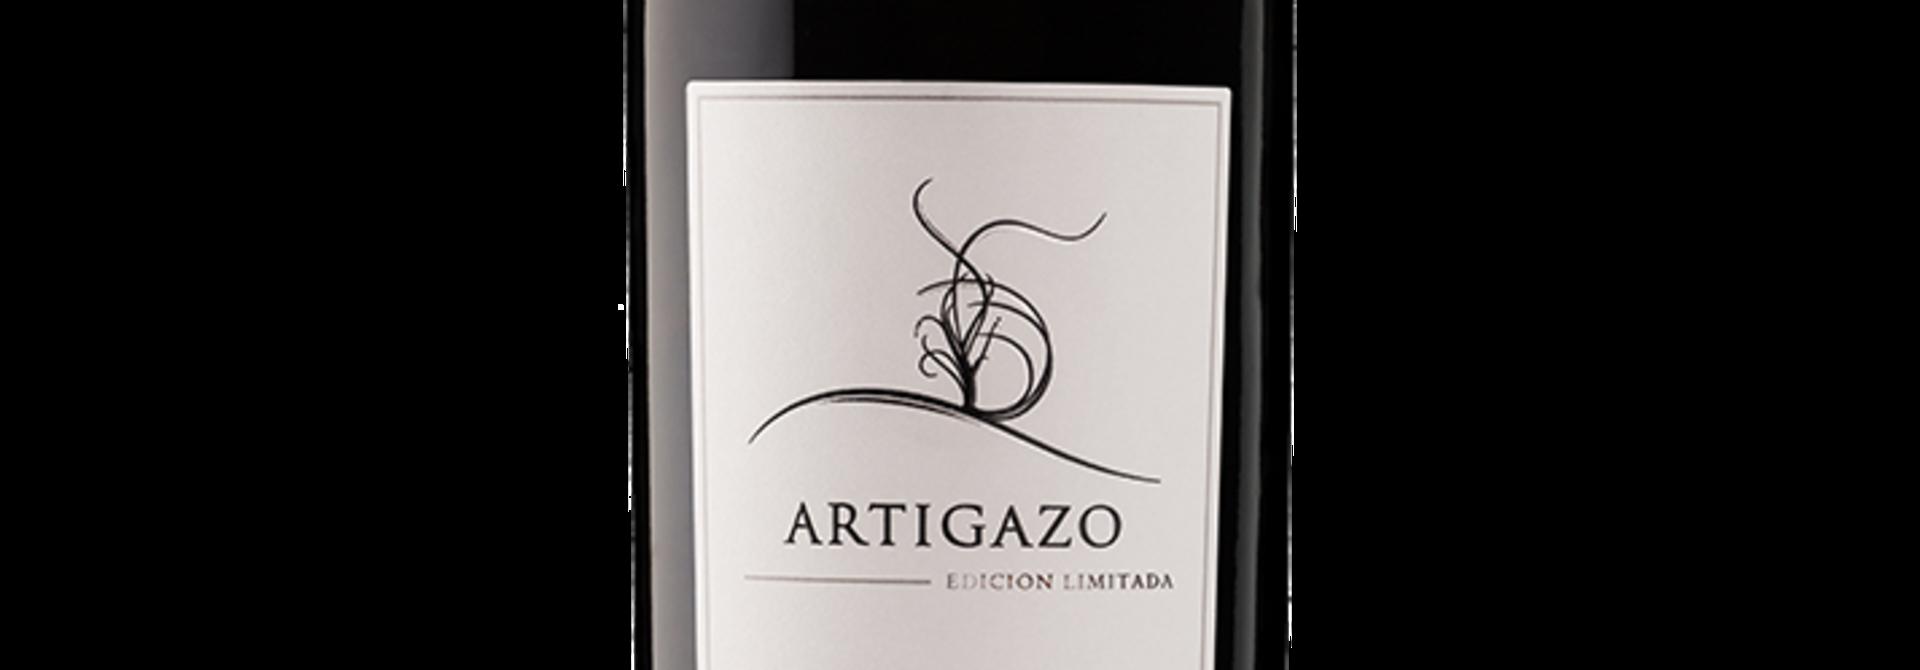 Paniza Artigazo 2016 Edicion Limitada